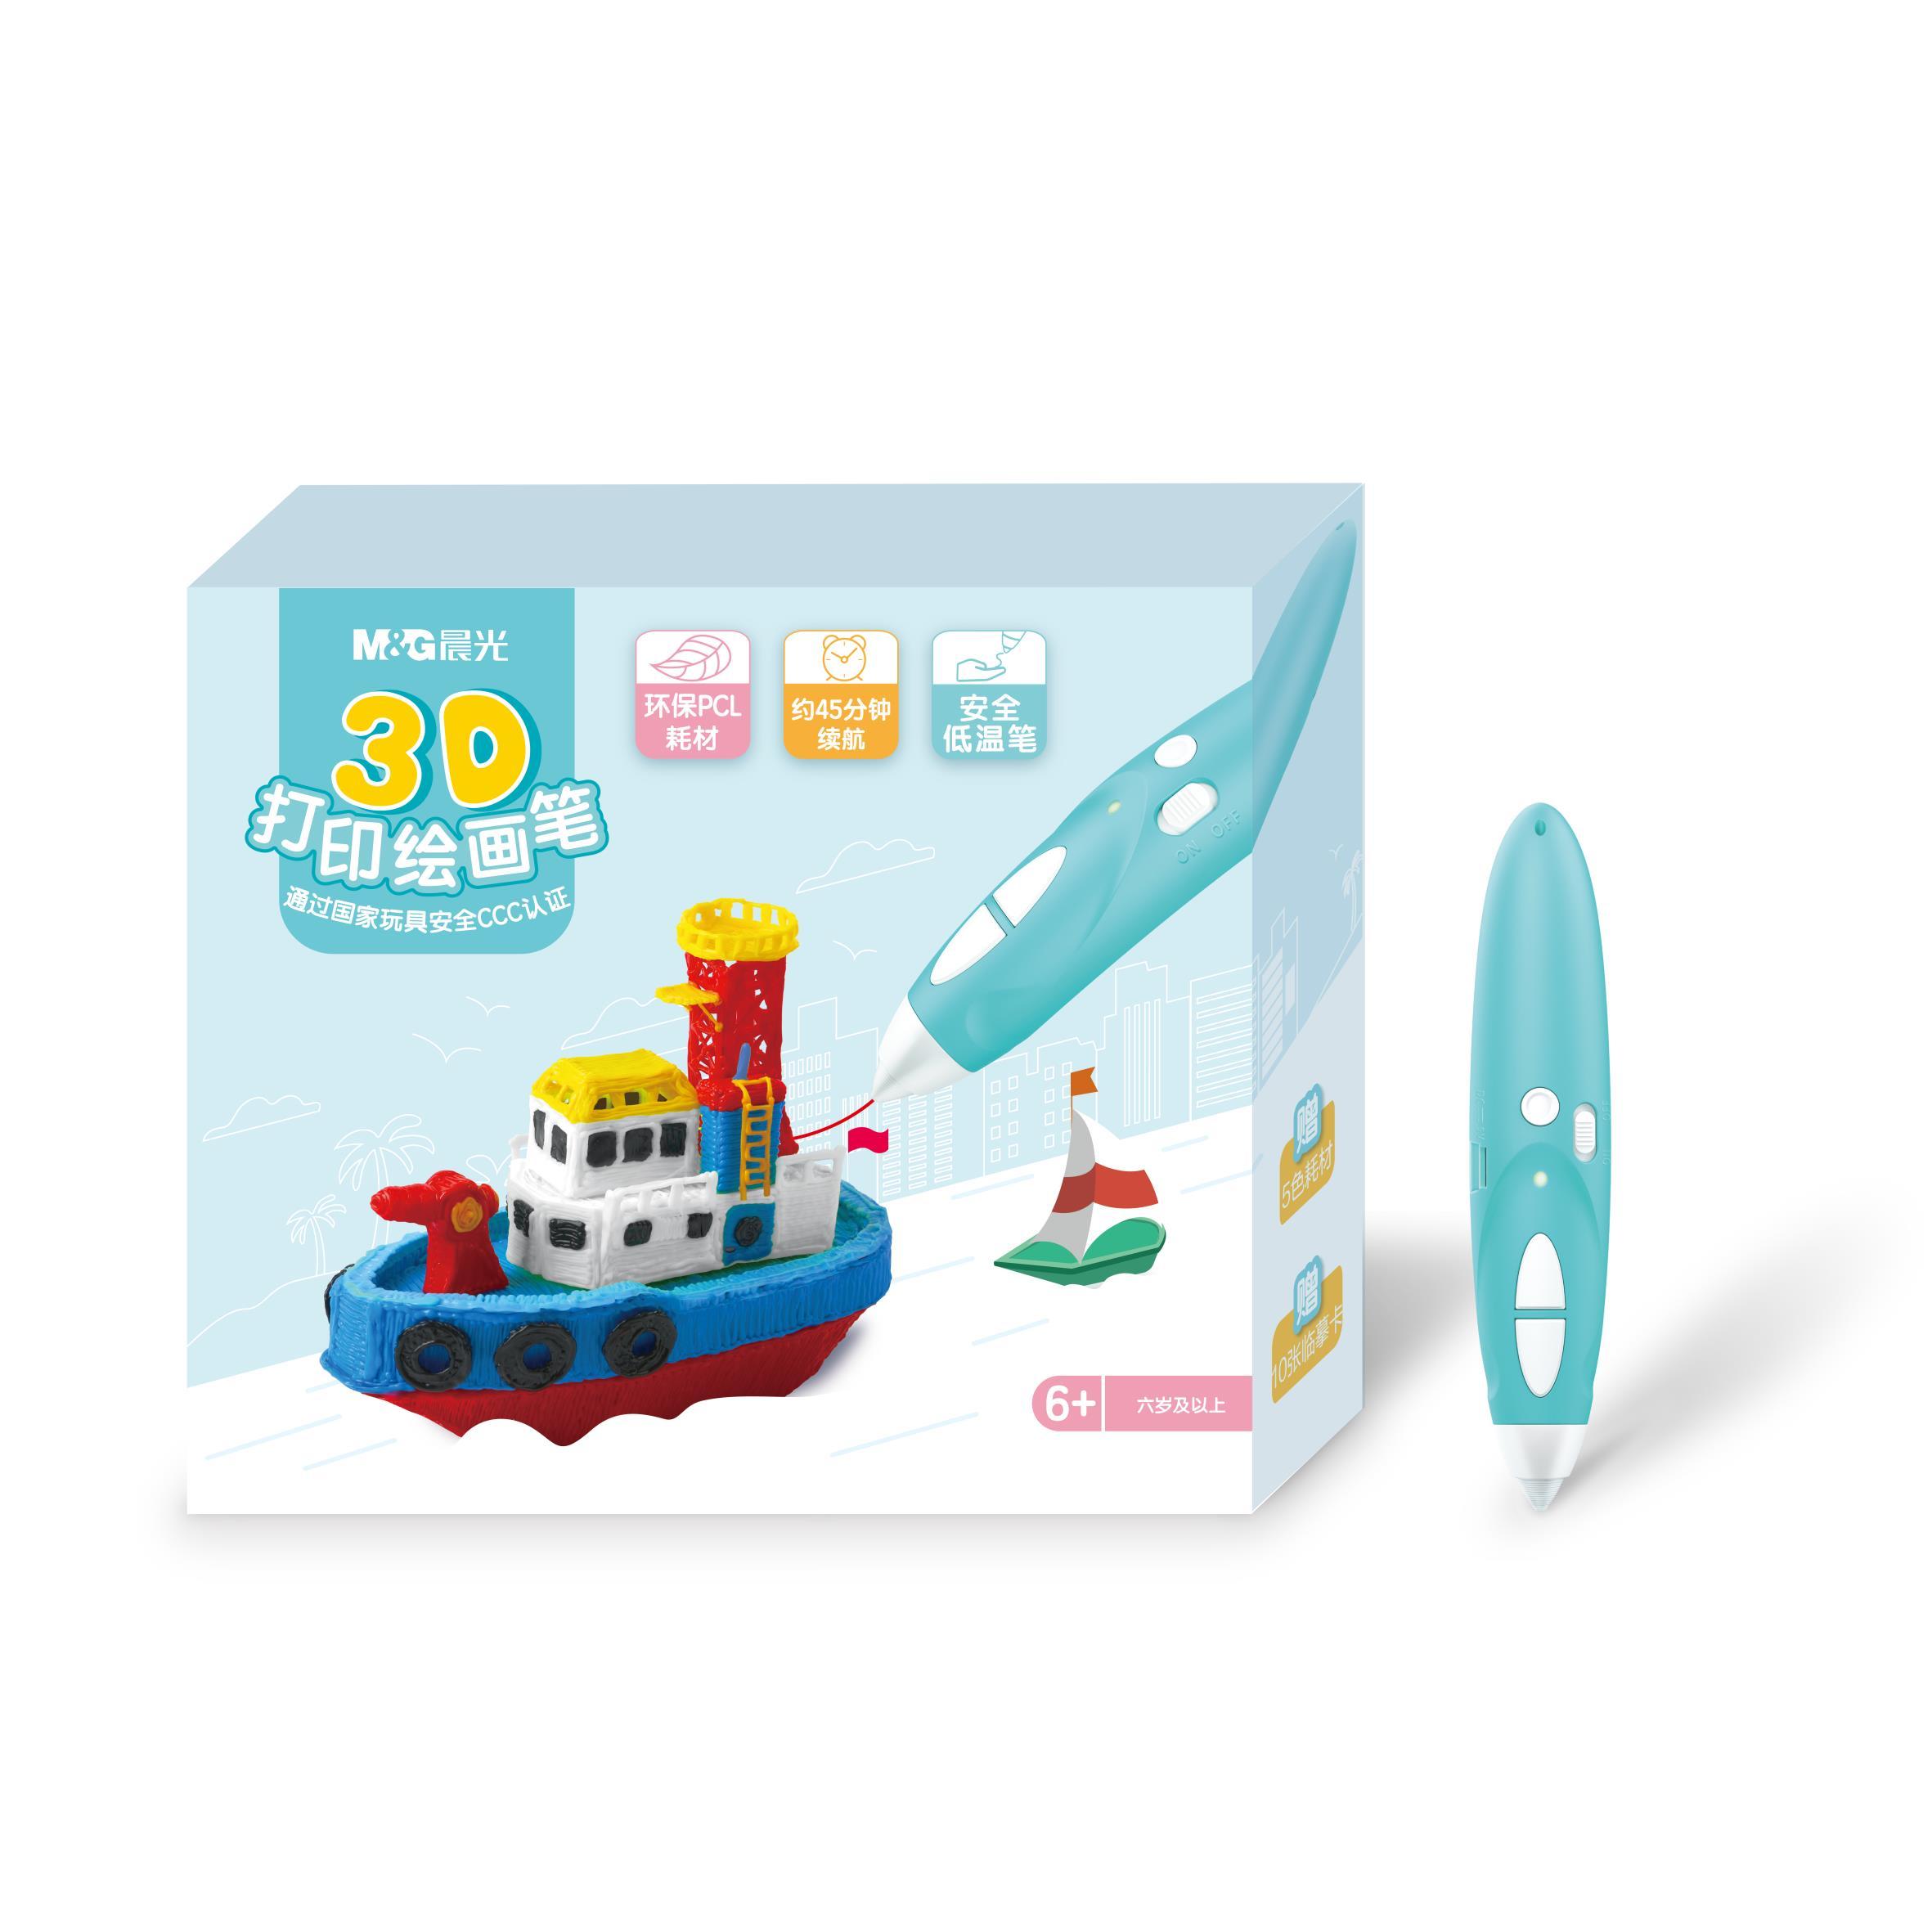 晨光官方旗舰店低温不烫手款3D立体打印笔涂鸦笔儿童玩具画笔绘画笔多功能学生用品